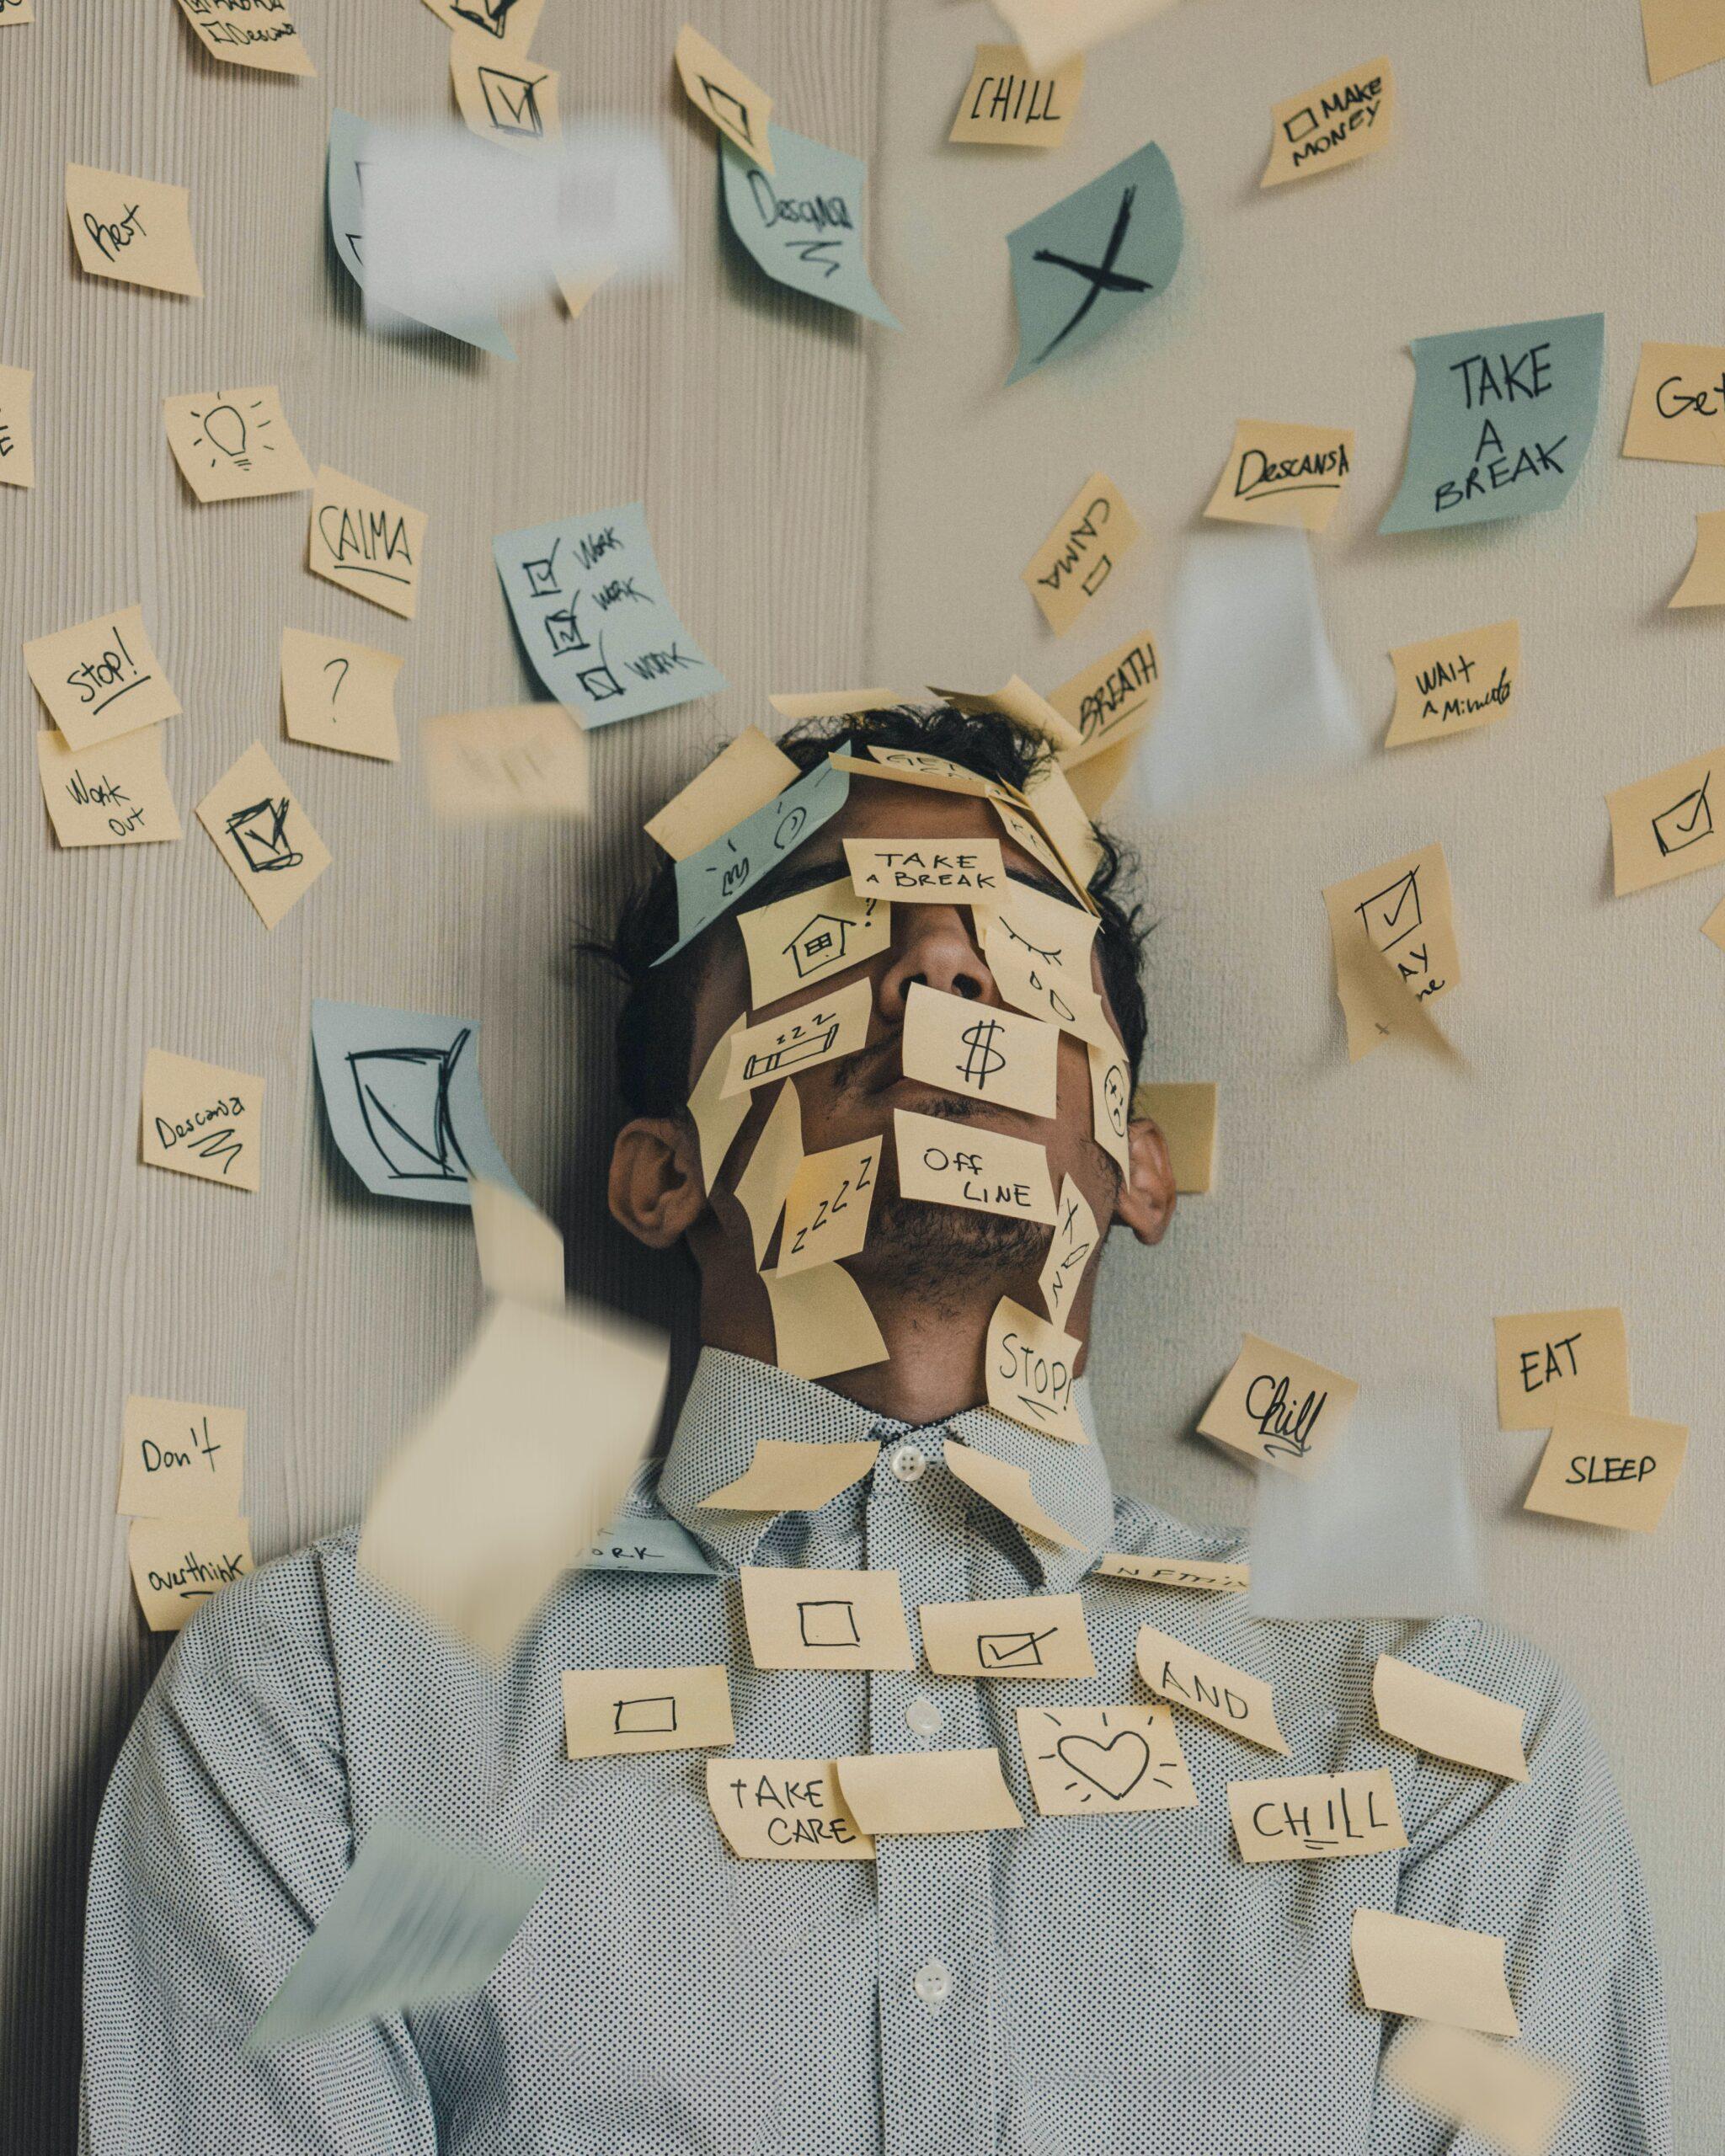 Mens health week - mental health